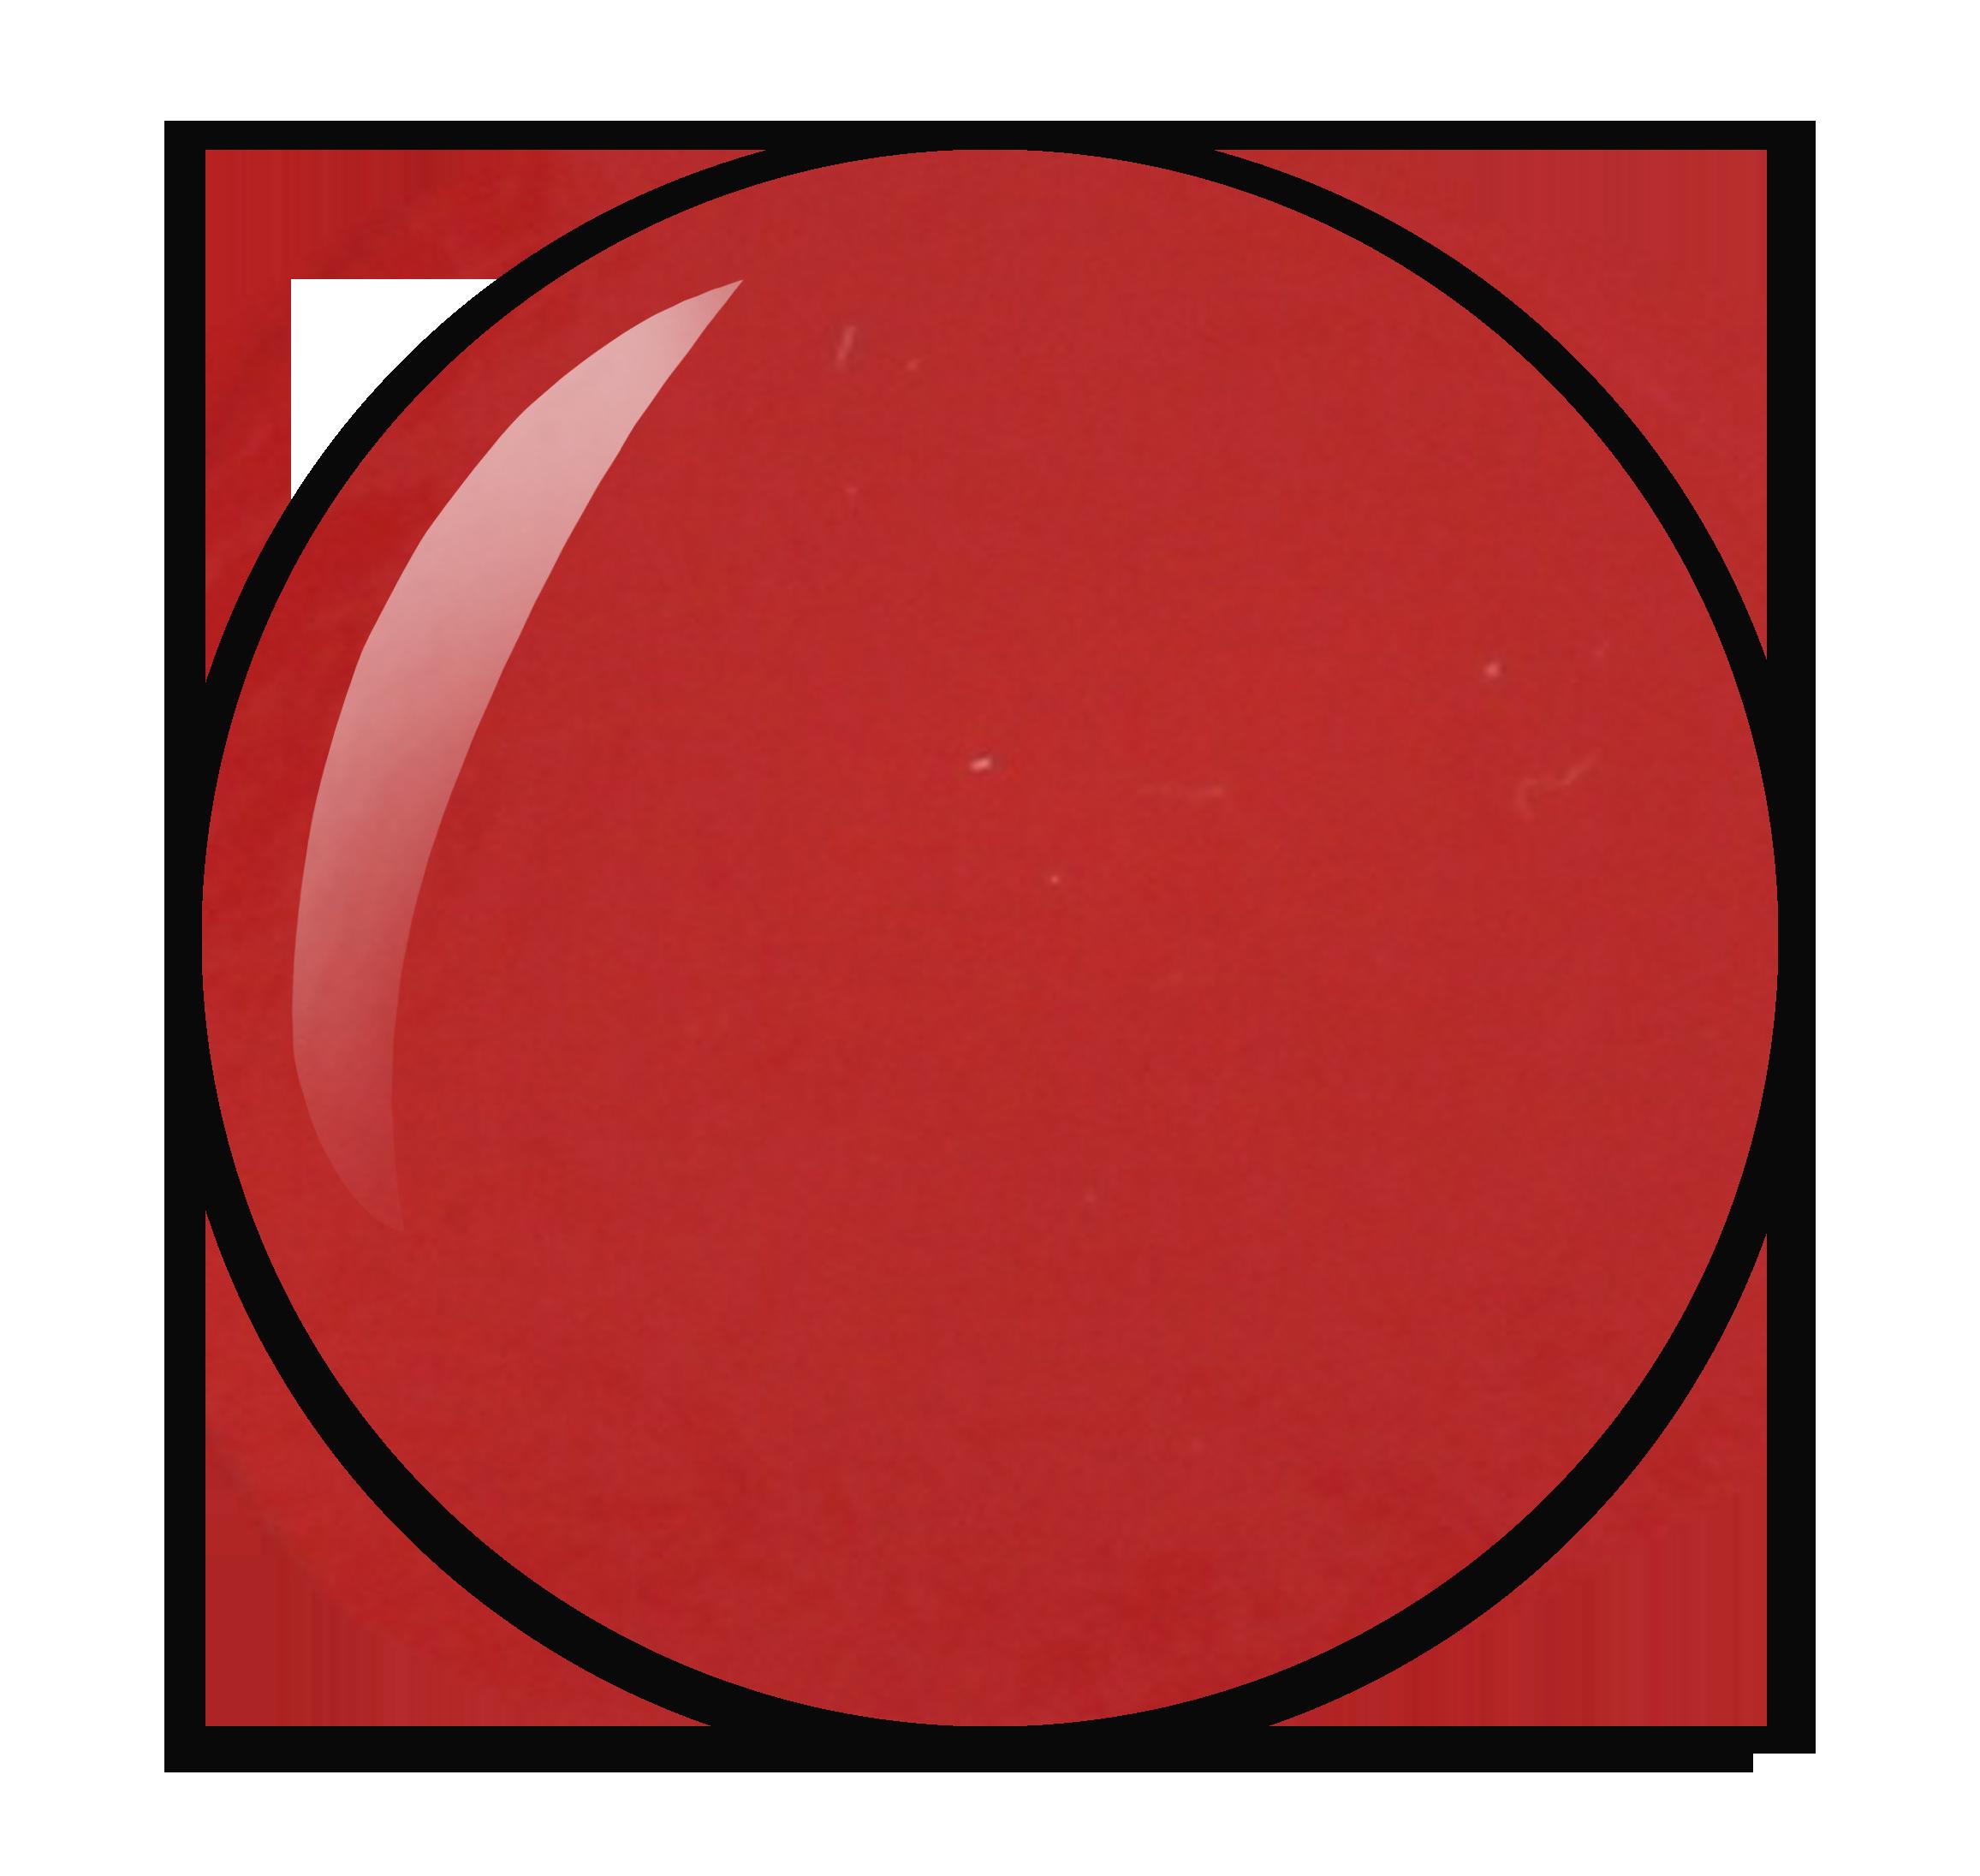 Rode nagellak kleurnummer 113 van de Herôme nagellak collectie